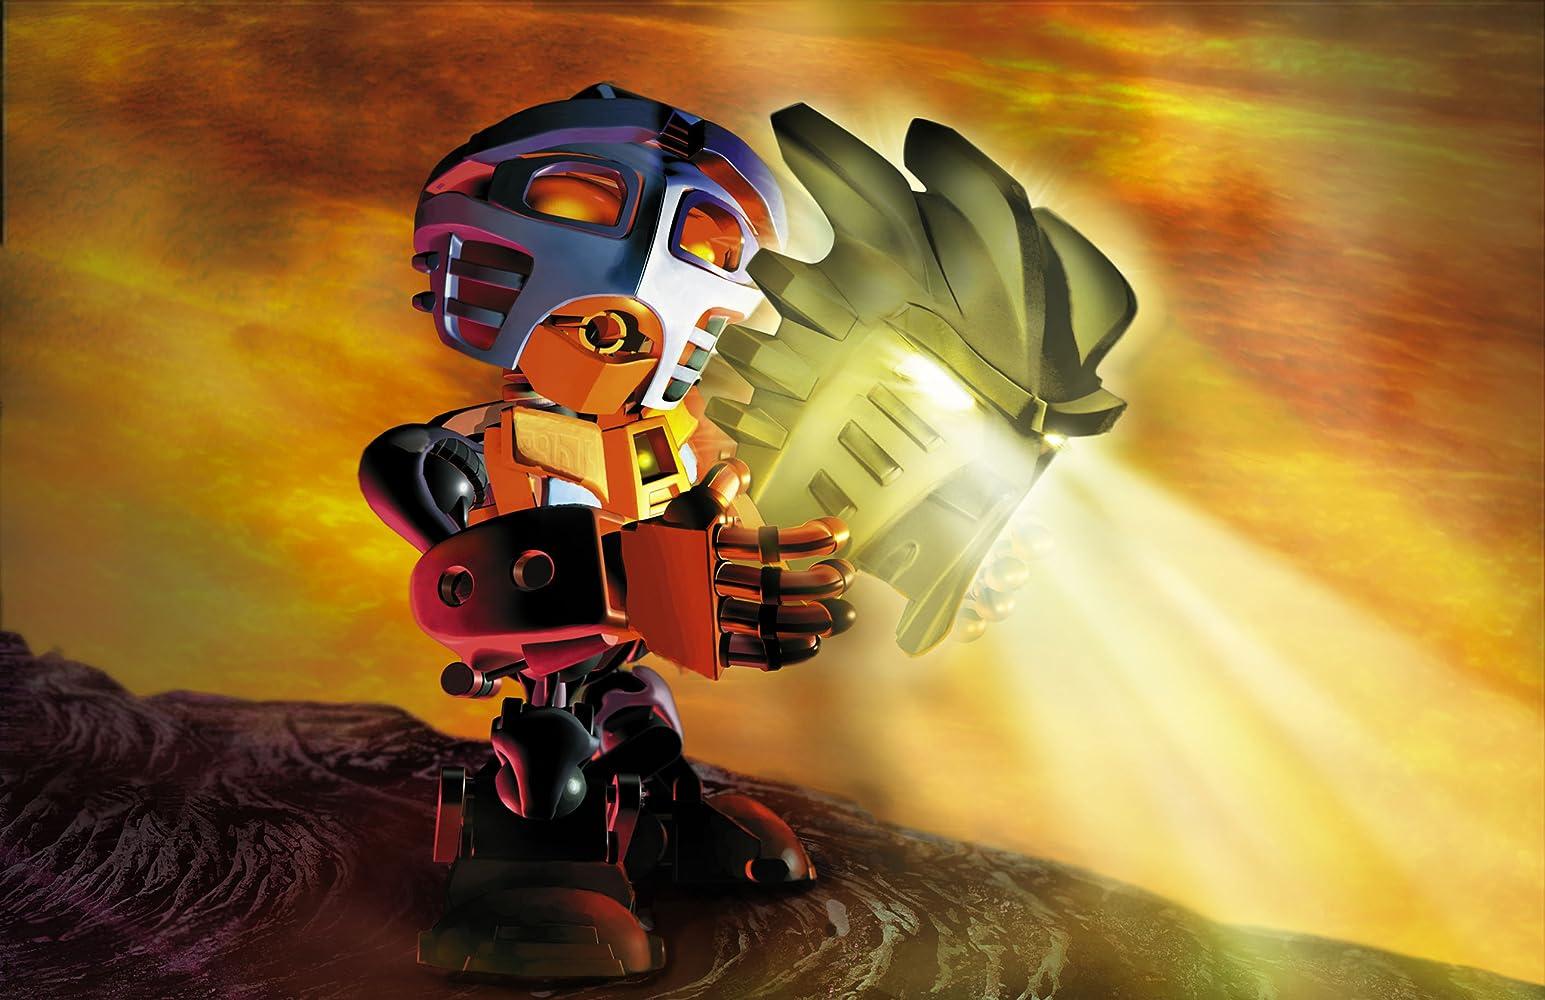 Bionicle Film